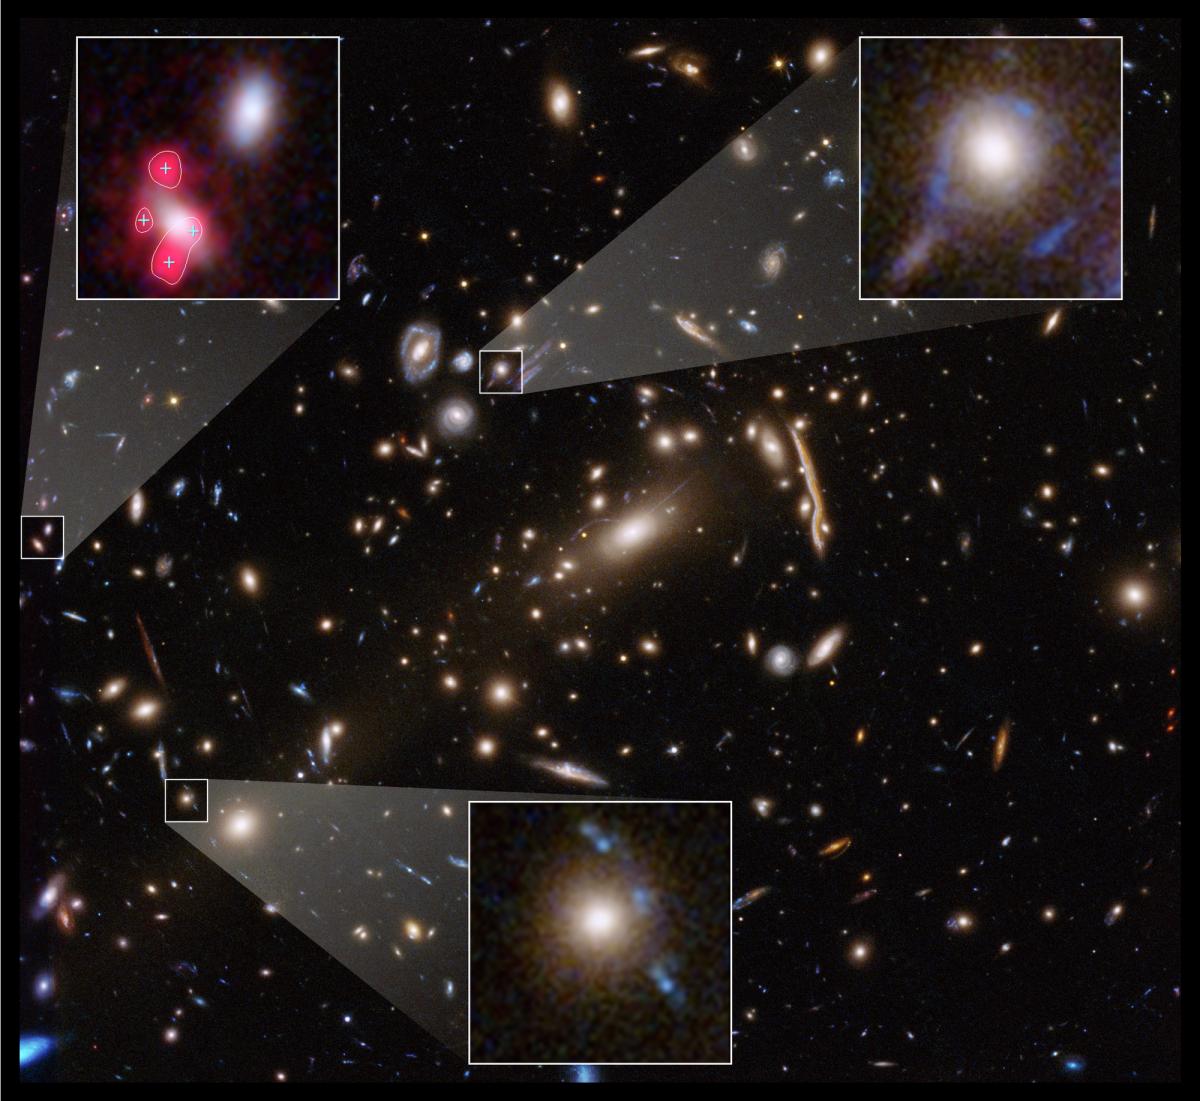 Hubble telescope observations highlight dark matter's weirdness – Space.com